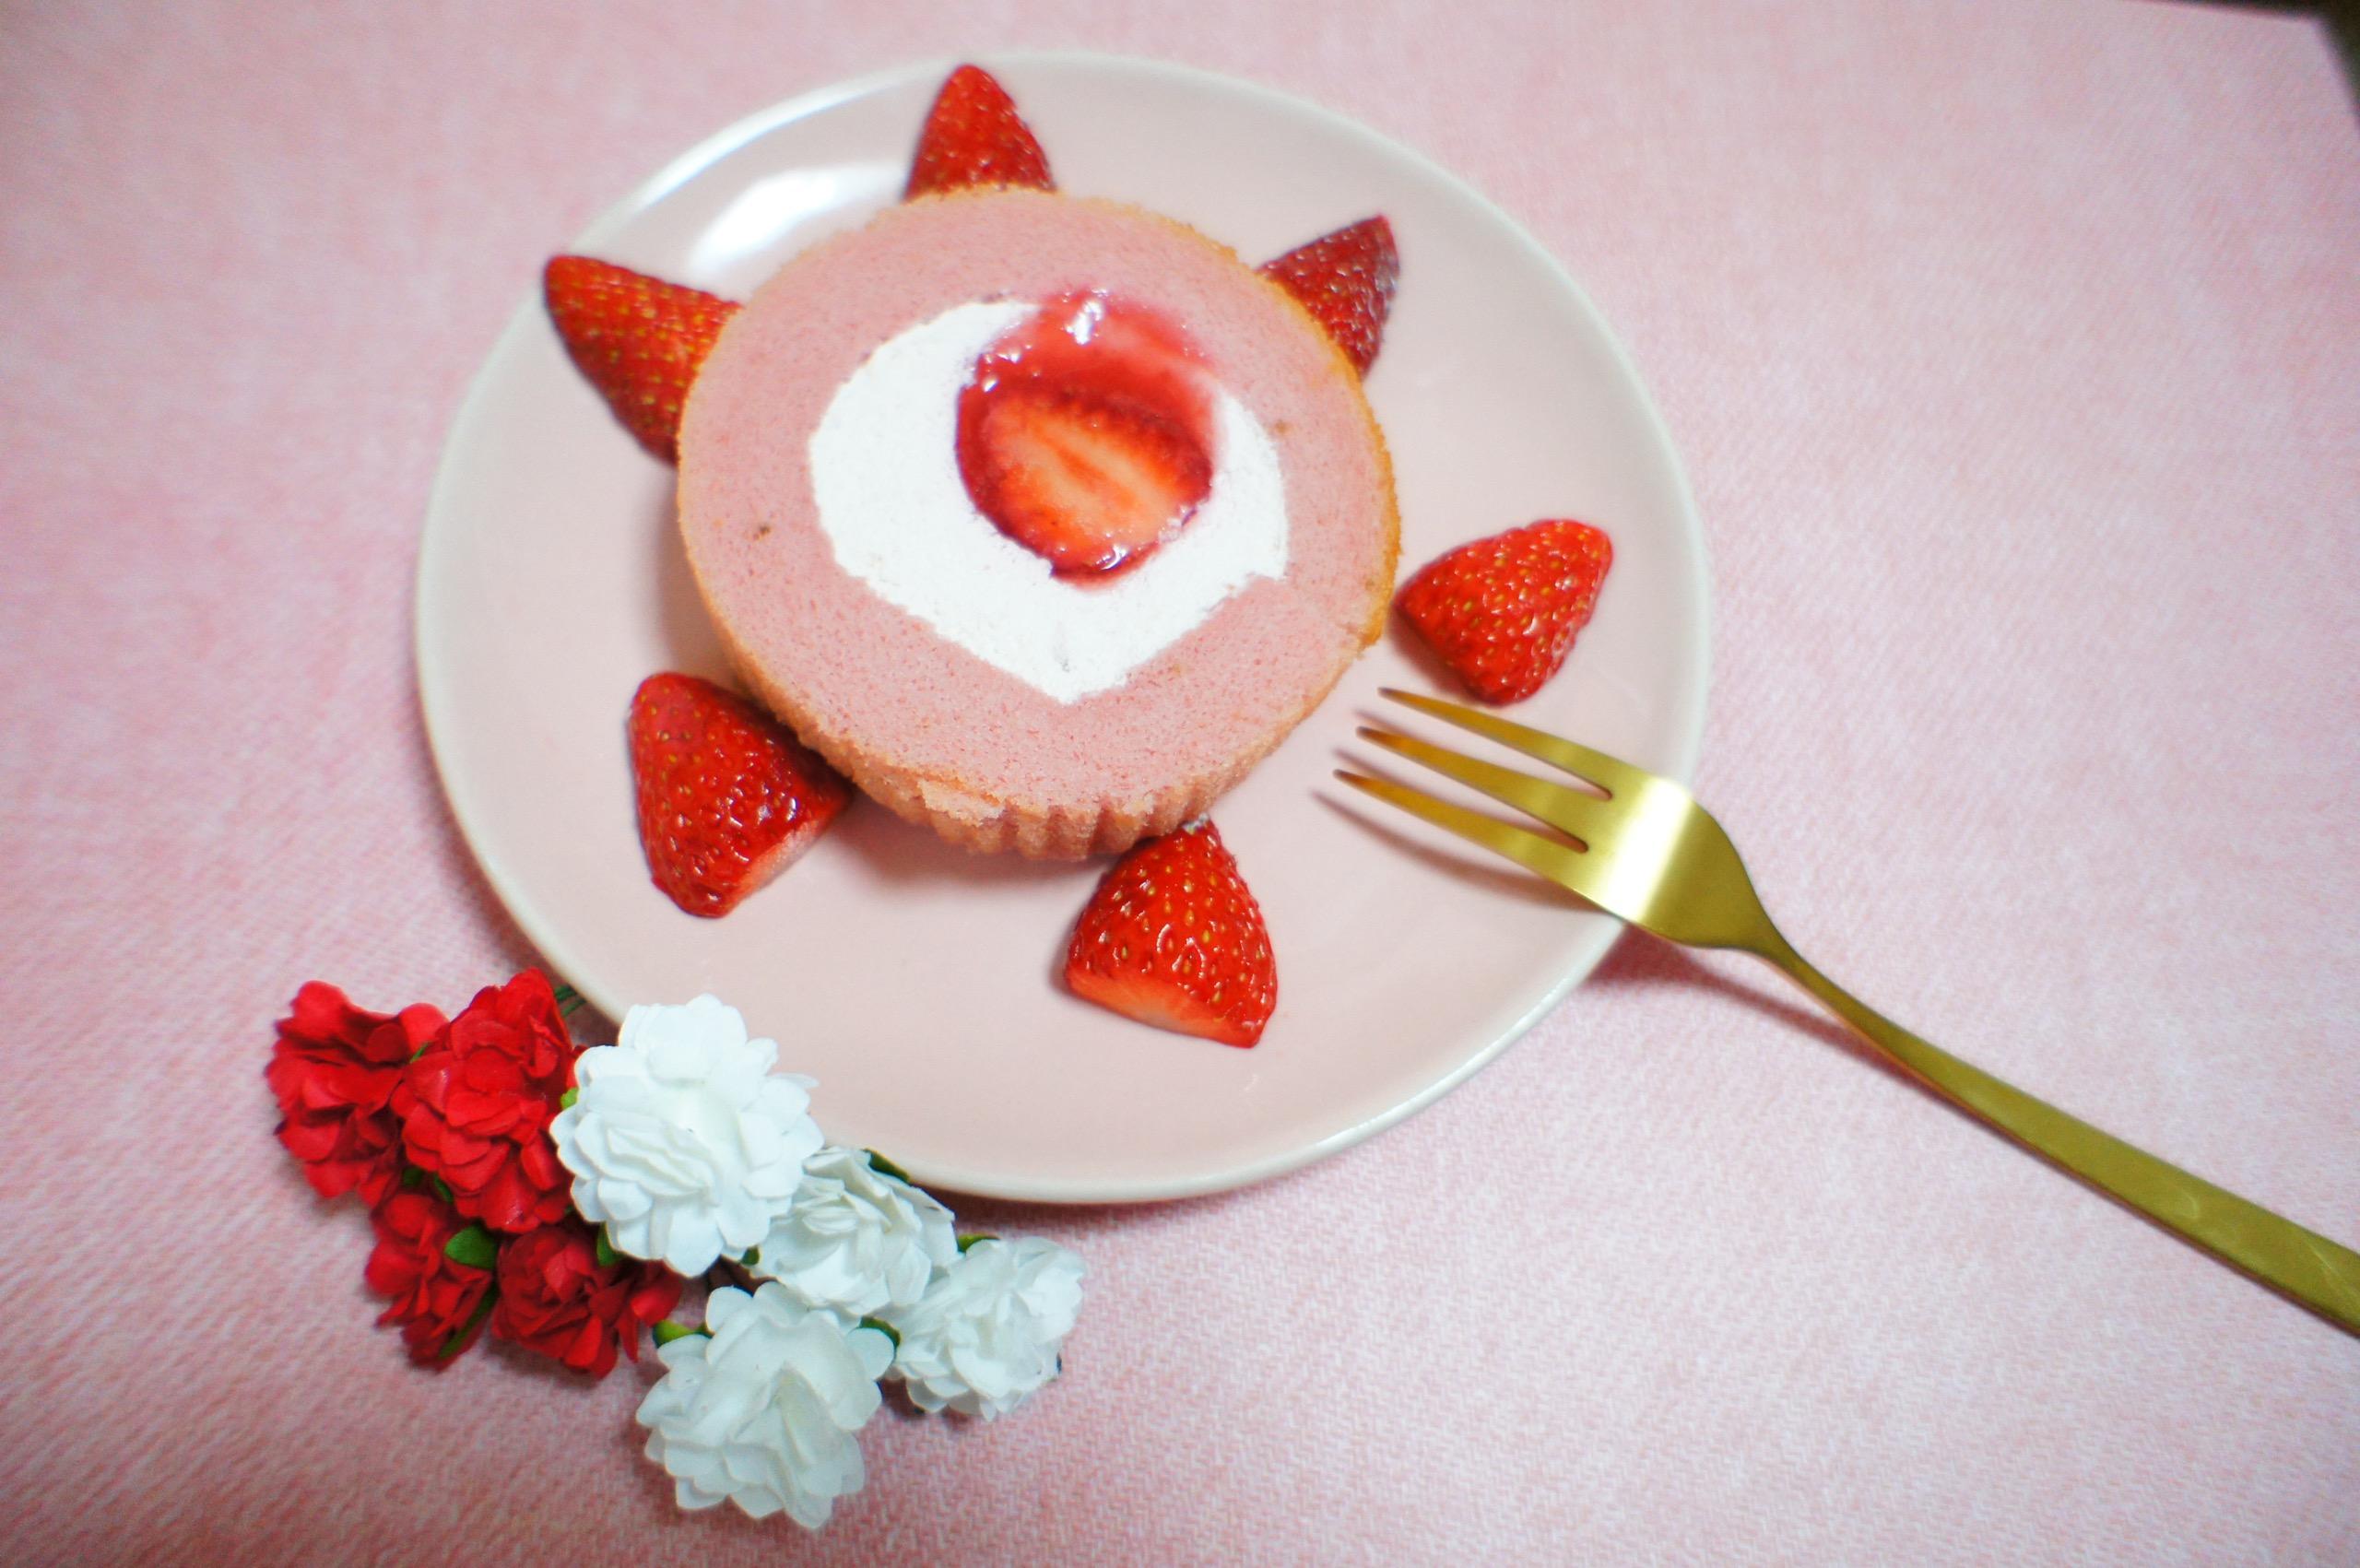 《コンビニスイーツ》でおうちカフェ❤️【LAWSON】いちごづくしロールケーキが絶品!☻_2